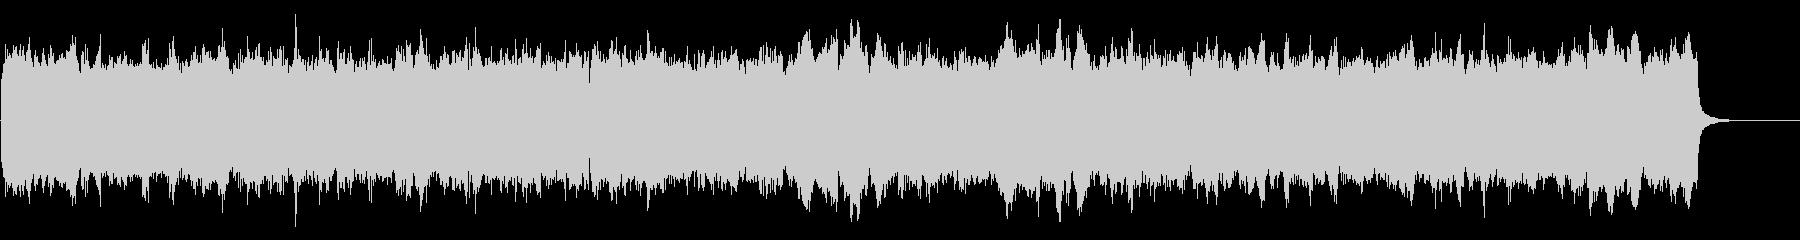 柔らかで優しいブライダルのオルガン曲の未再生の波形